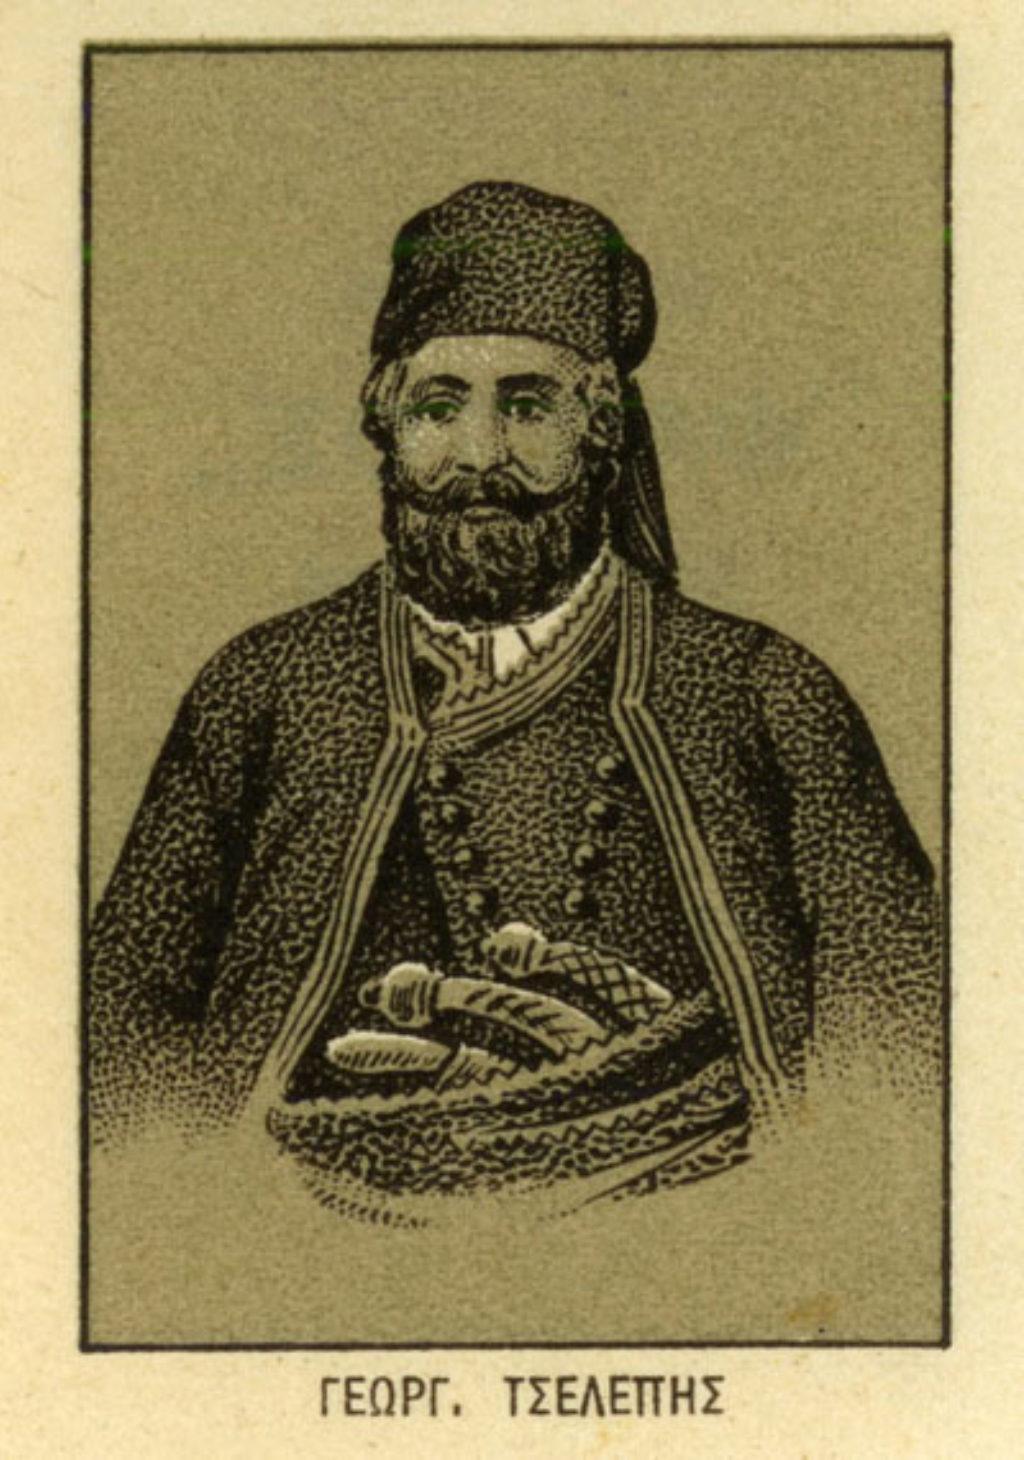 Ο Γεώργιος Δασκαλάκης ή Τσελεπής συμμετείχε στη μάχη του Λούλου